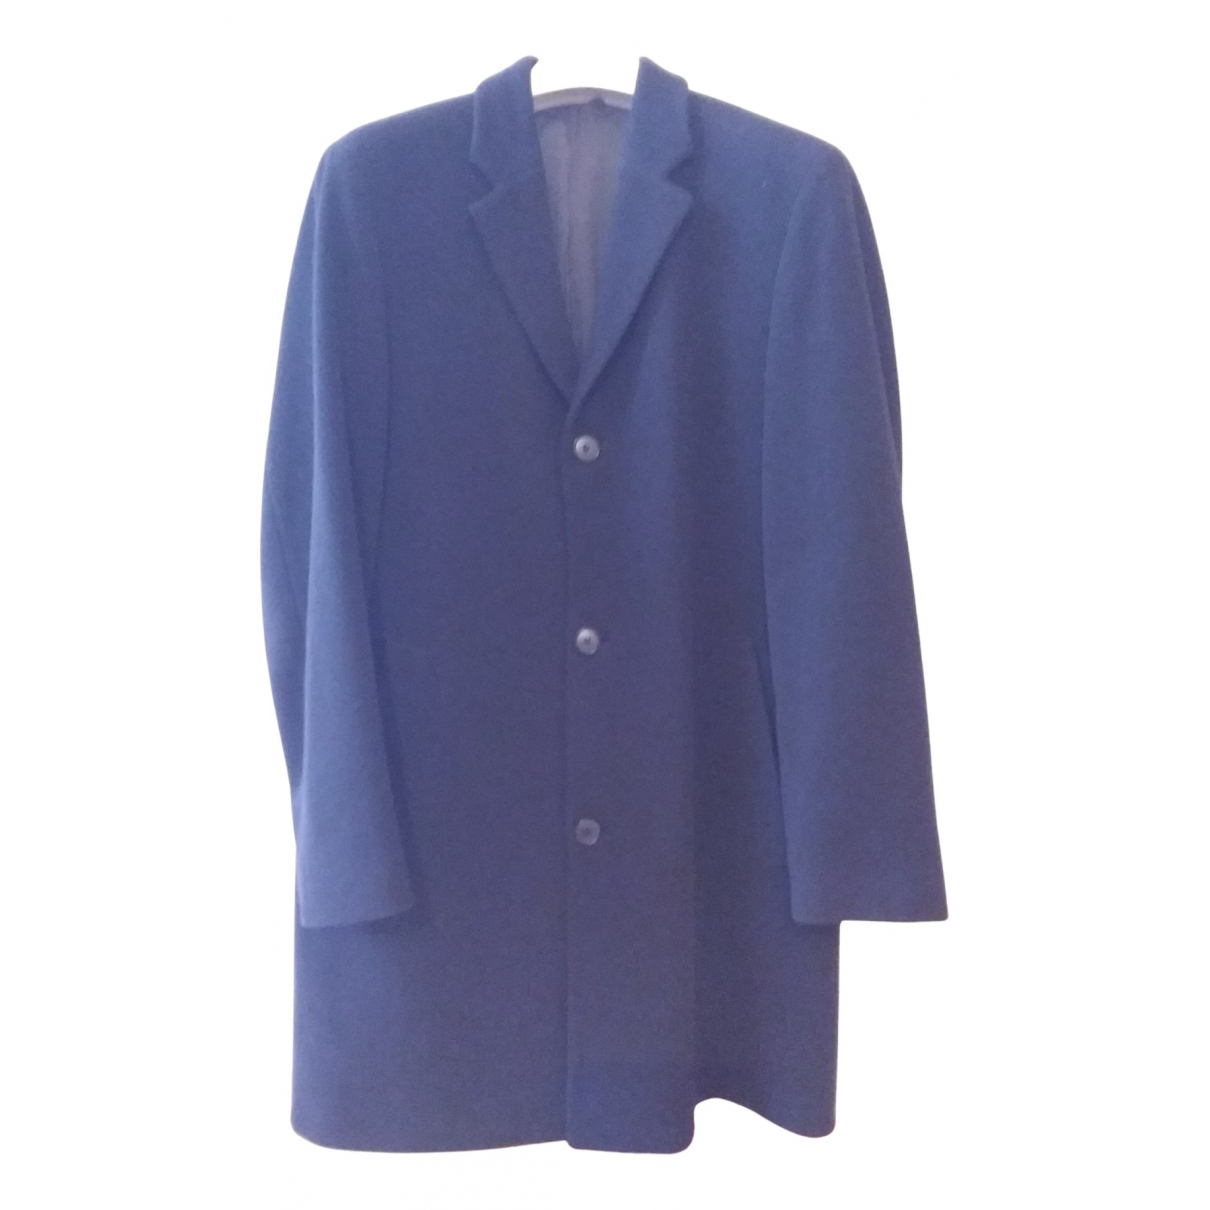 Boss - Manteau   pour homme en laine - bleu